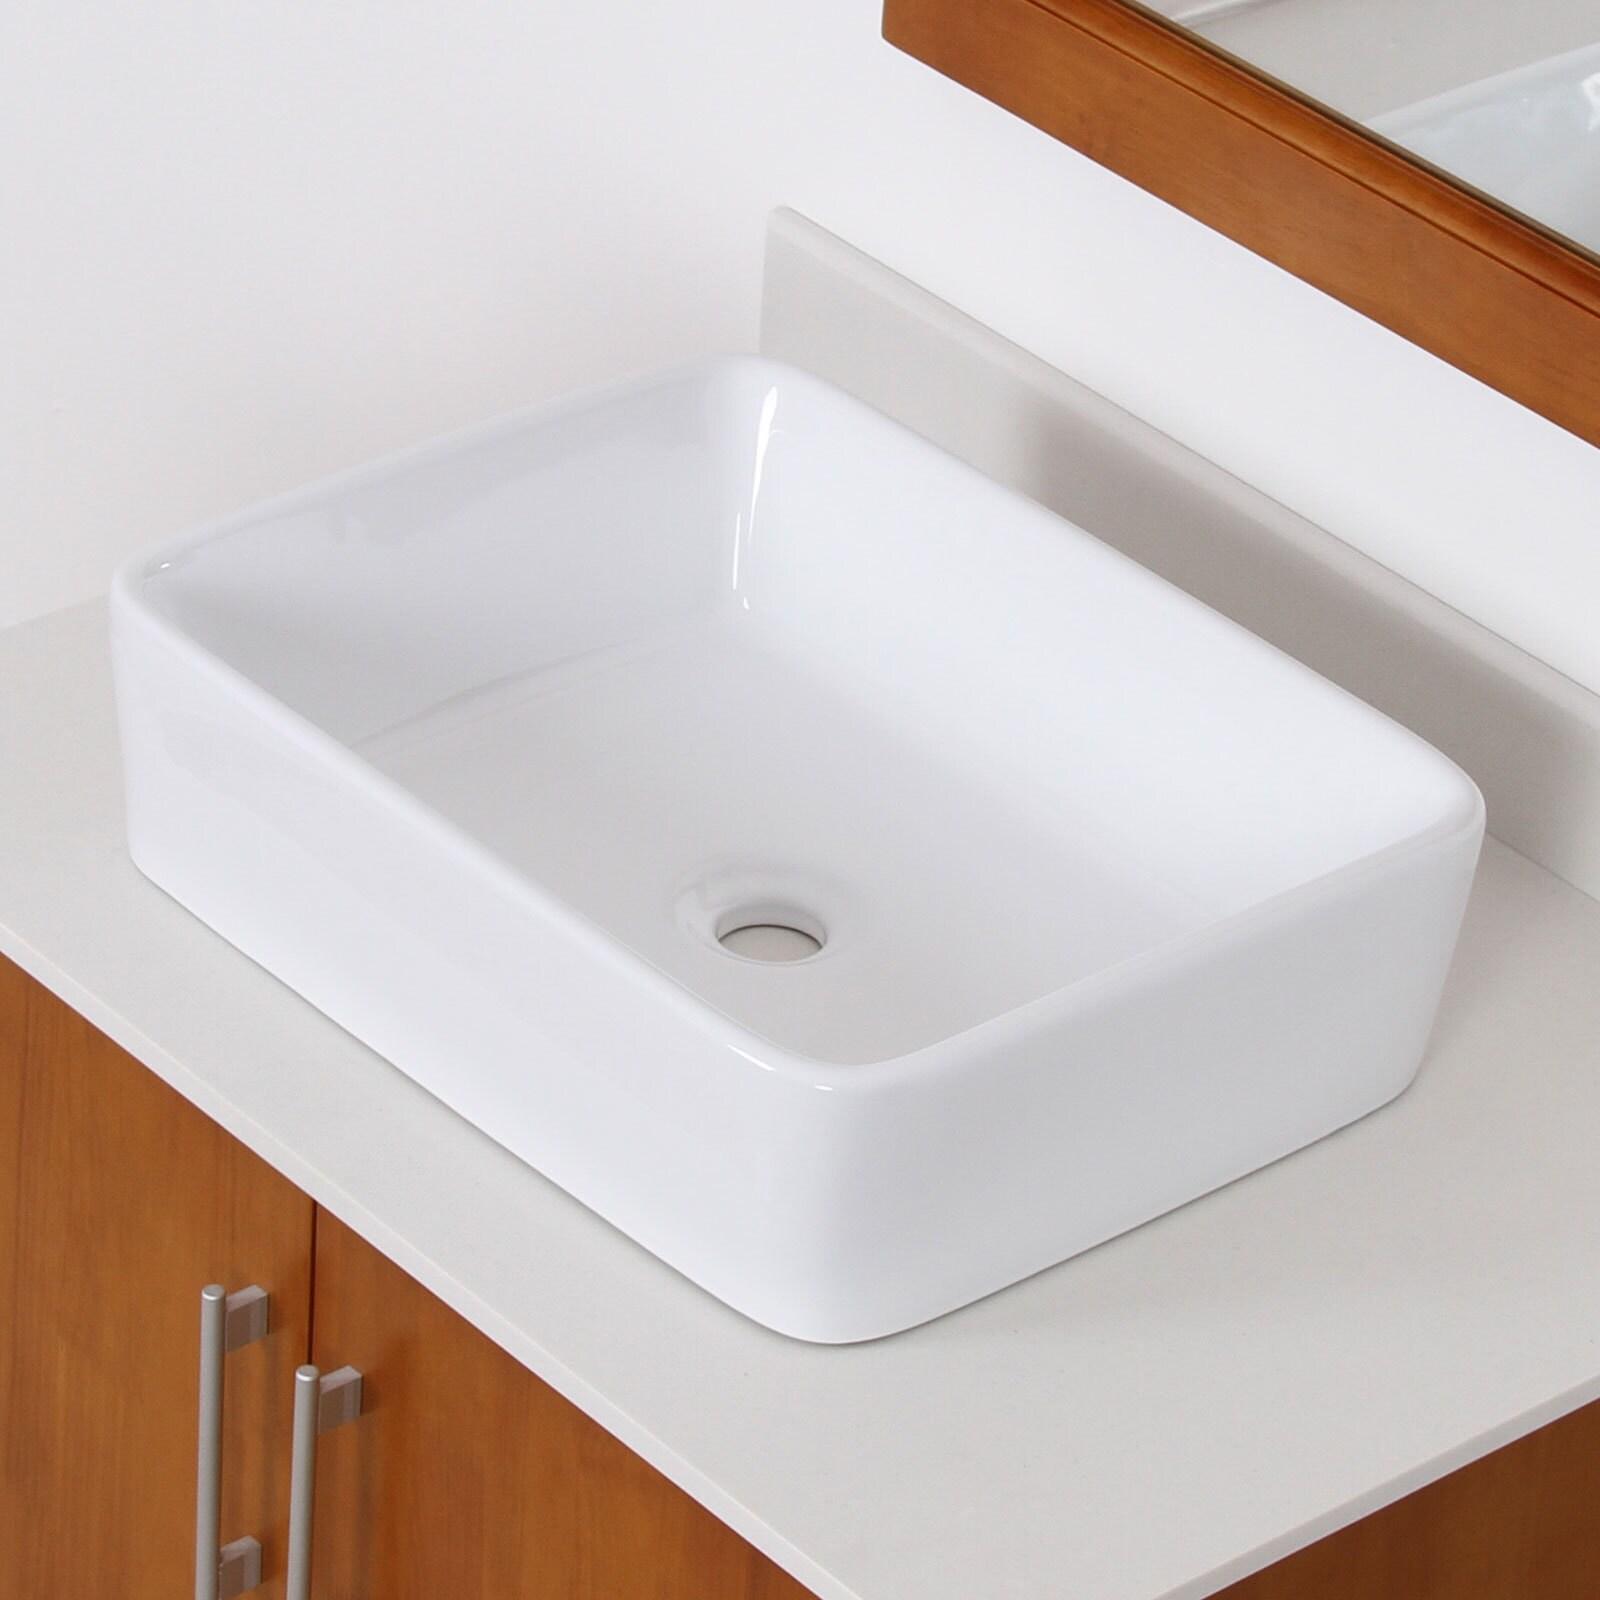 Shop Elite High-temperature Rectangular Ceramic Bathroom Sink and ...